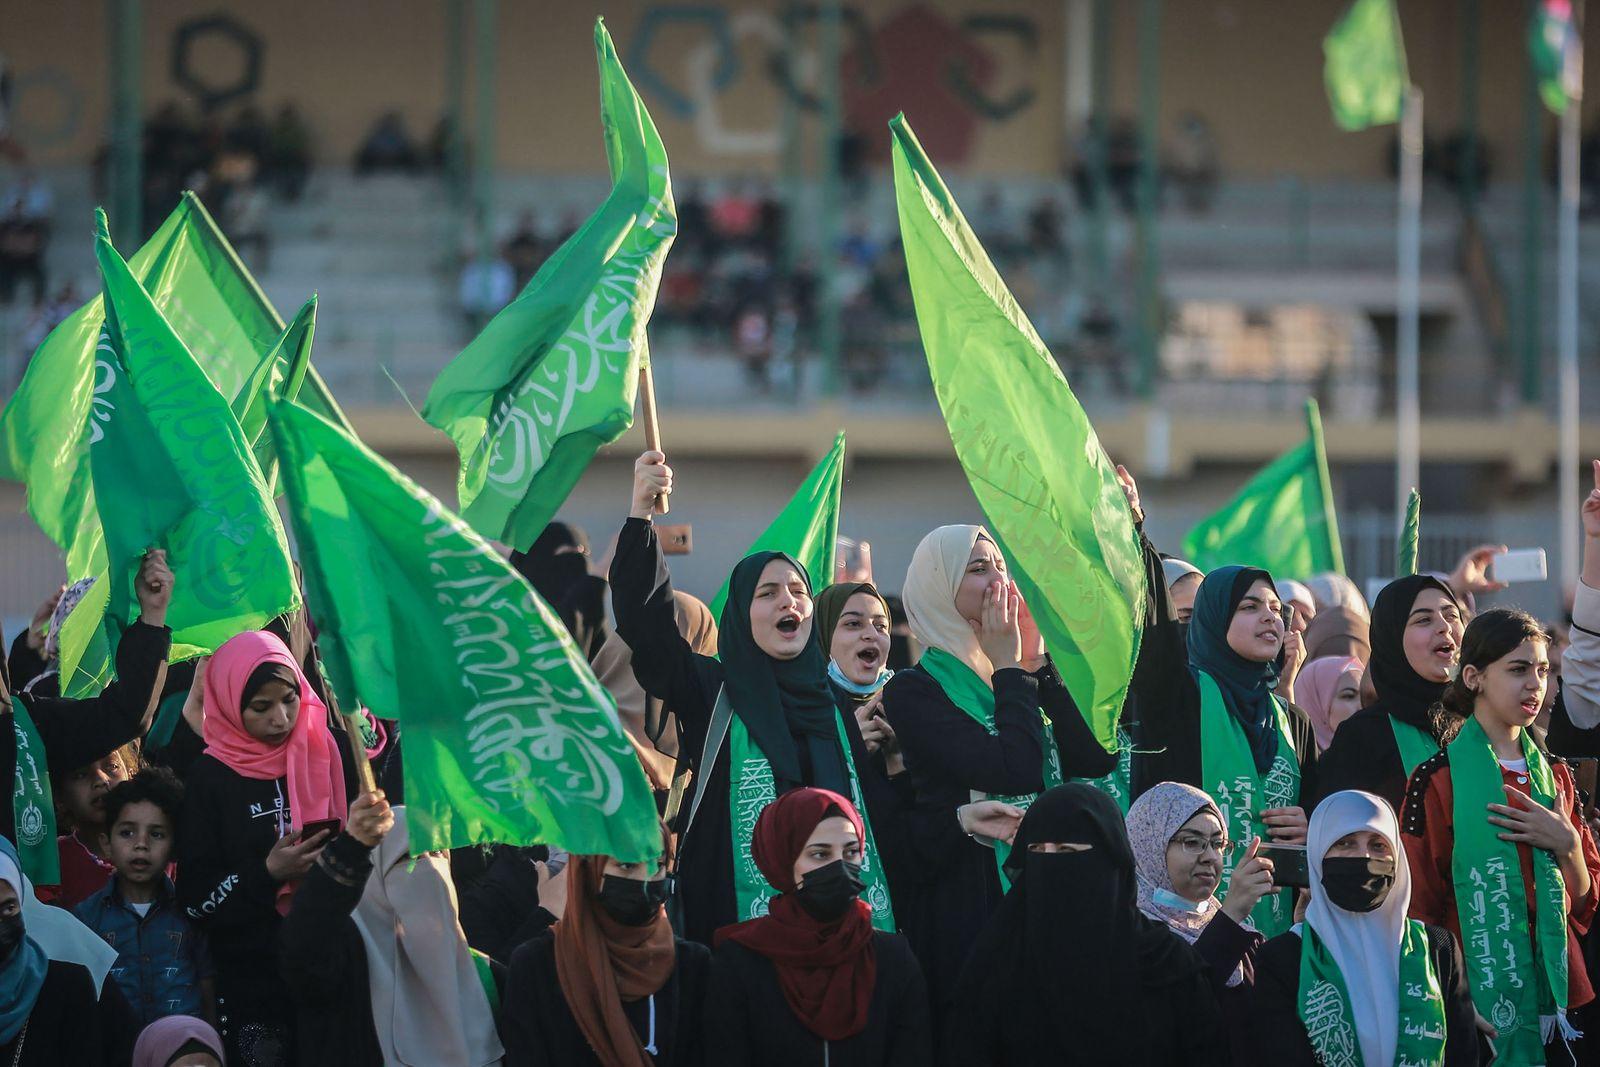 Konflikt in Nahost - Kundgebung der Kassam-Brigaden in Gaza